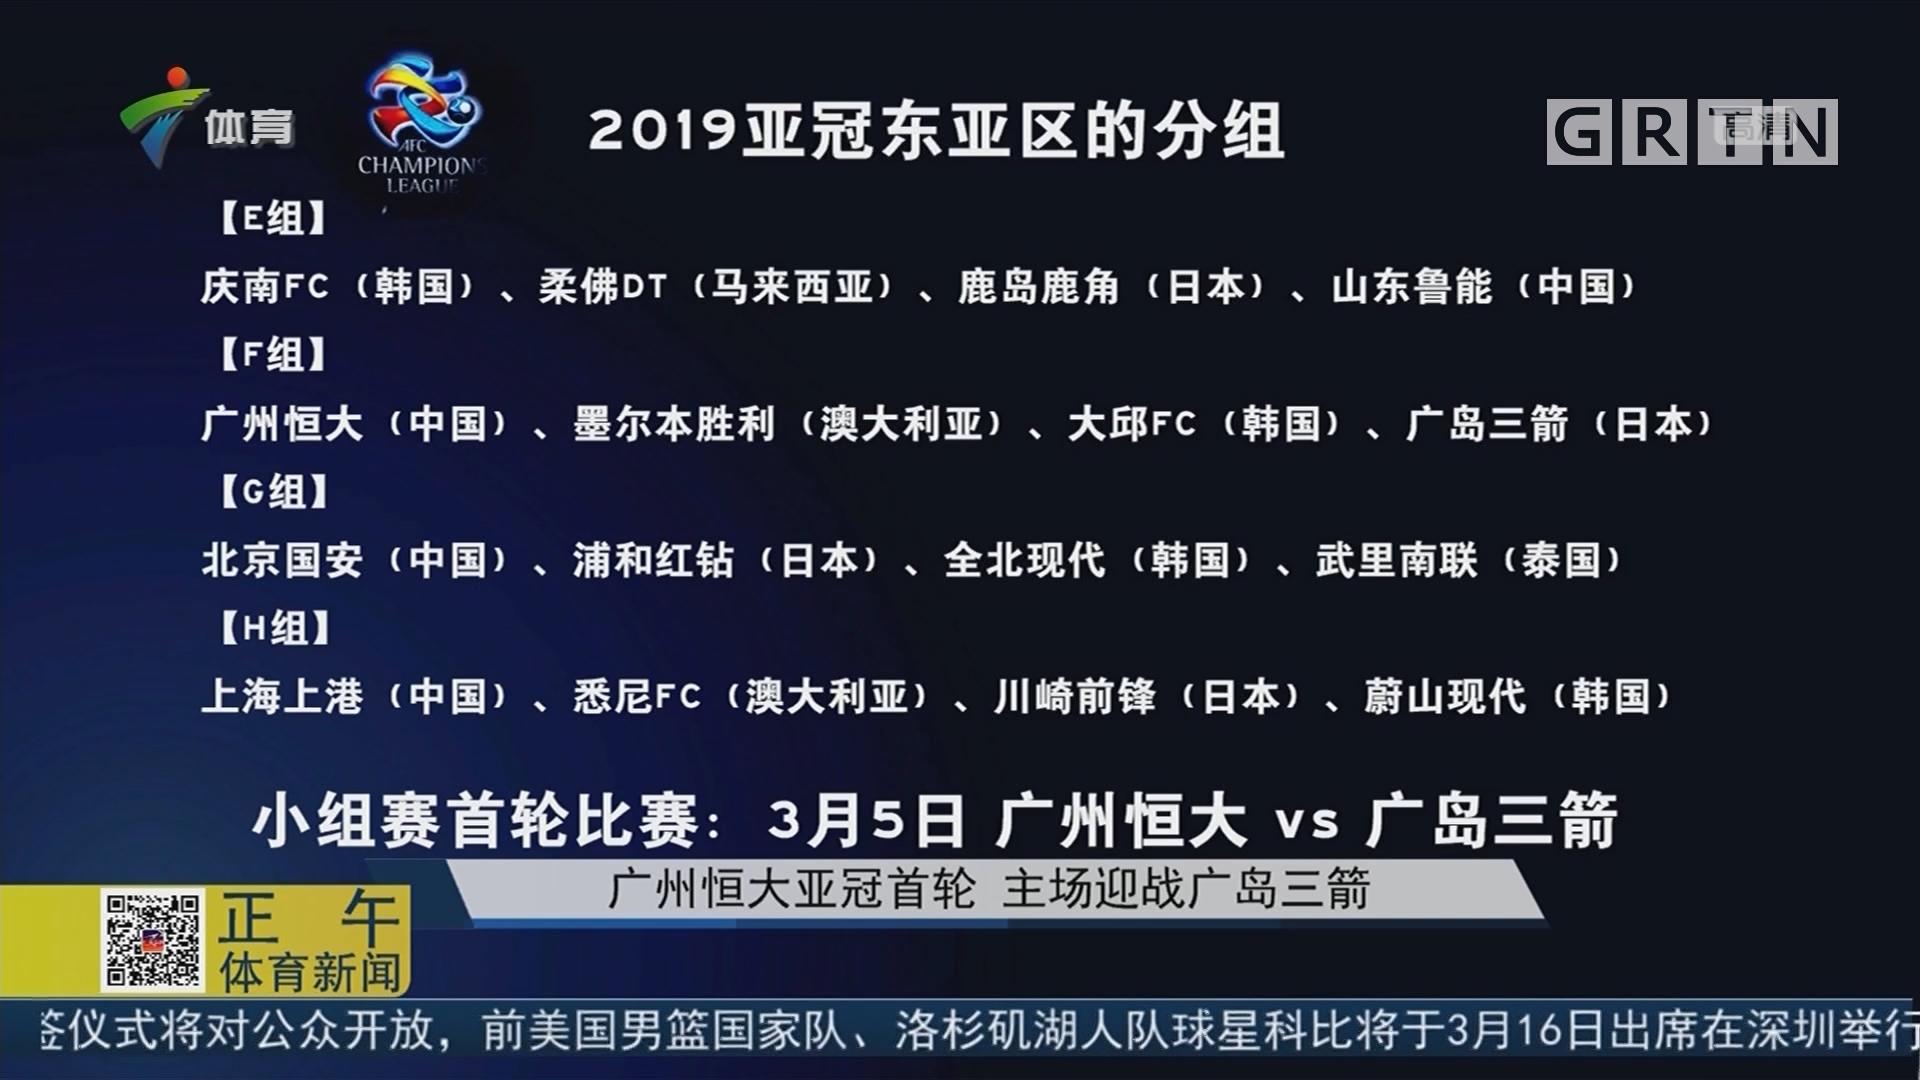 广州恒大亚冠首轮 主场迎战广岛三箭